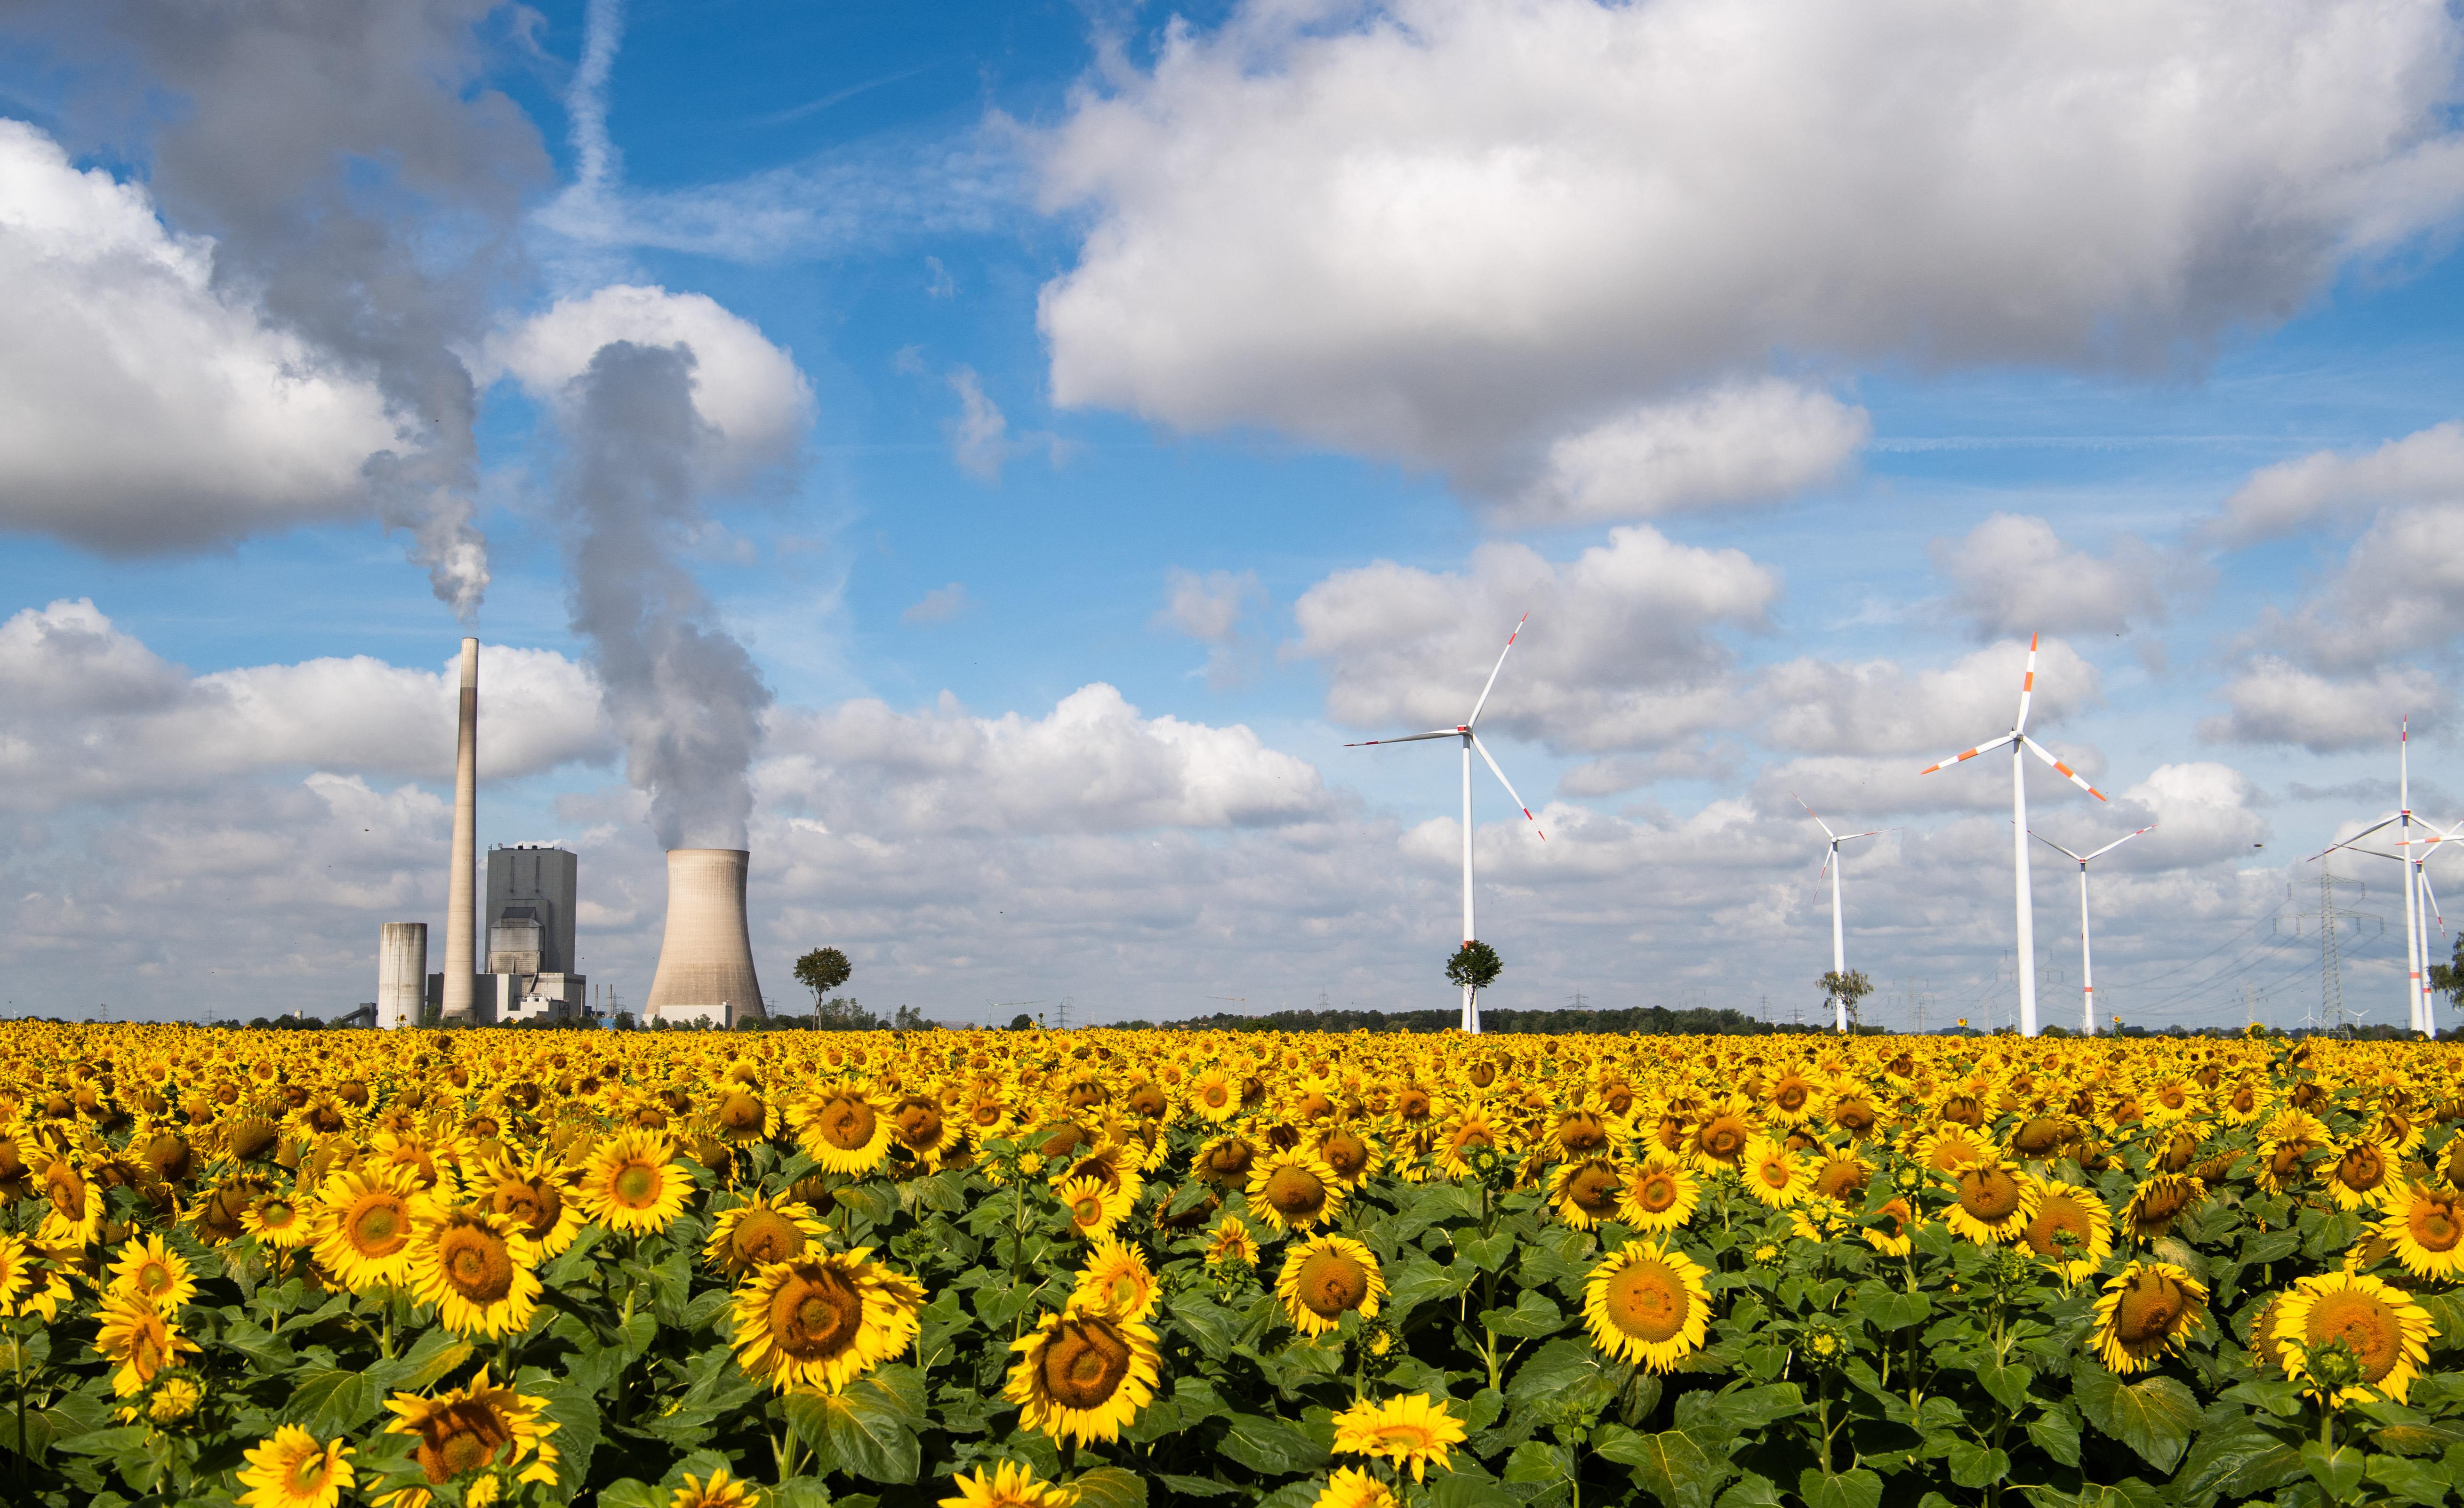 Németország jelentősen megemeli a klímacéljait, 2045-re klímasemlegessé válnának